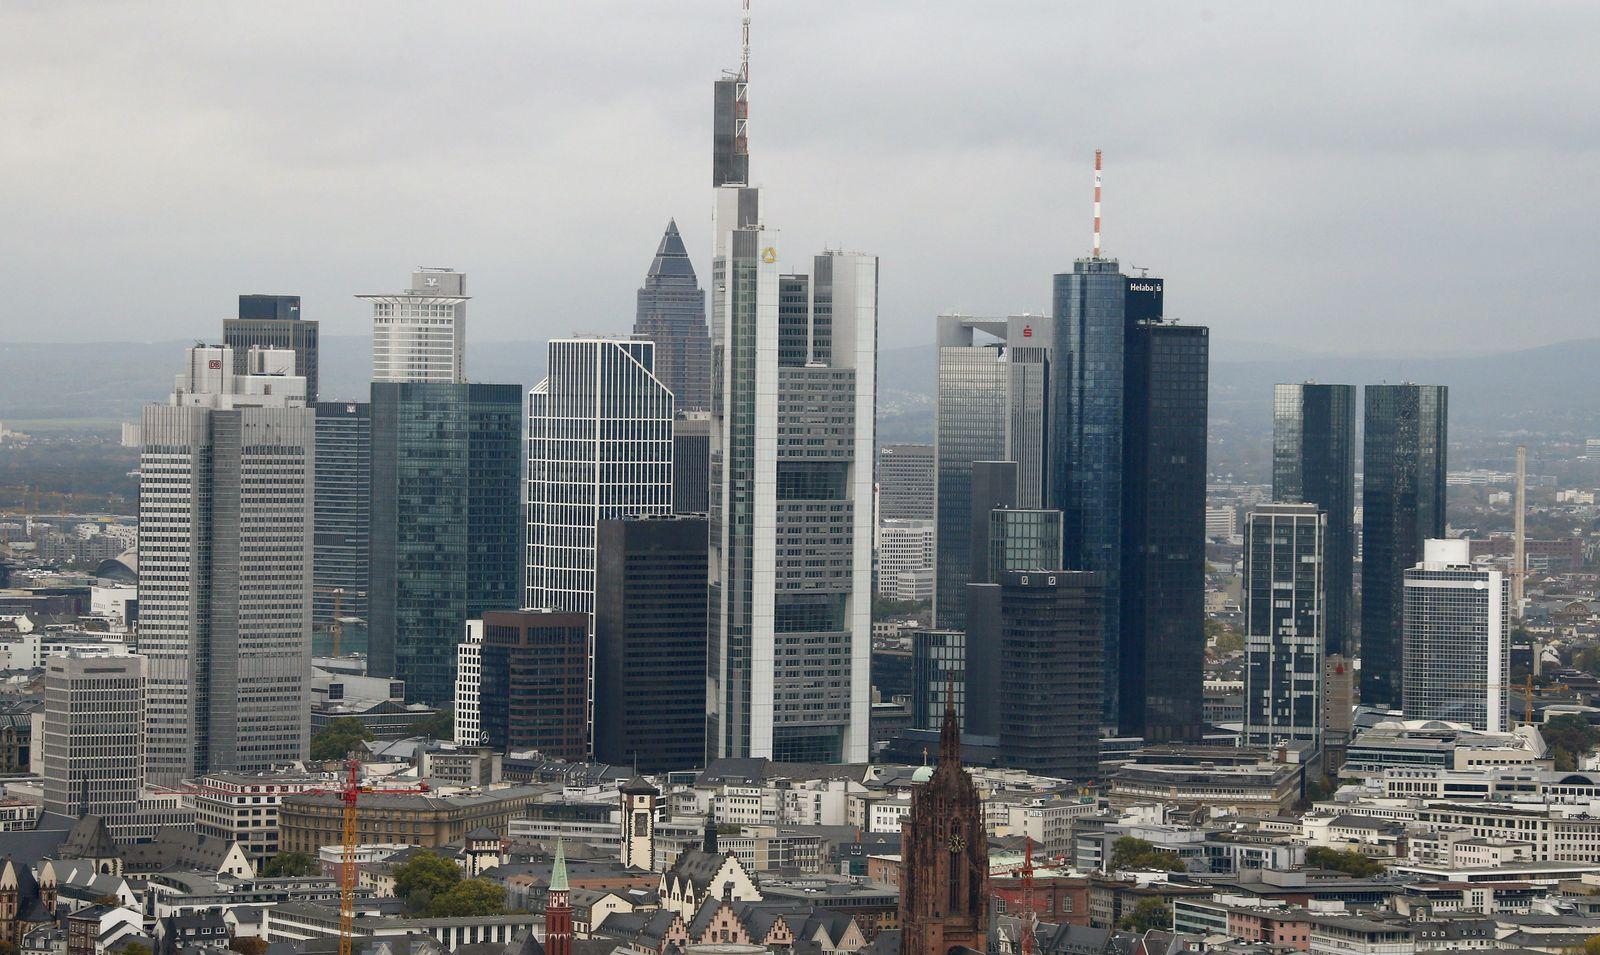 Frankfurt / Bankenviertel / Skyline